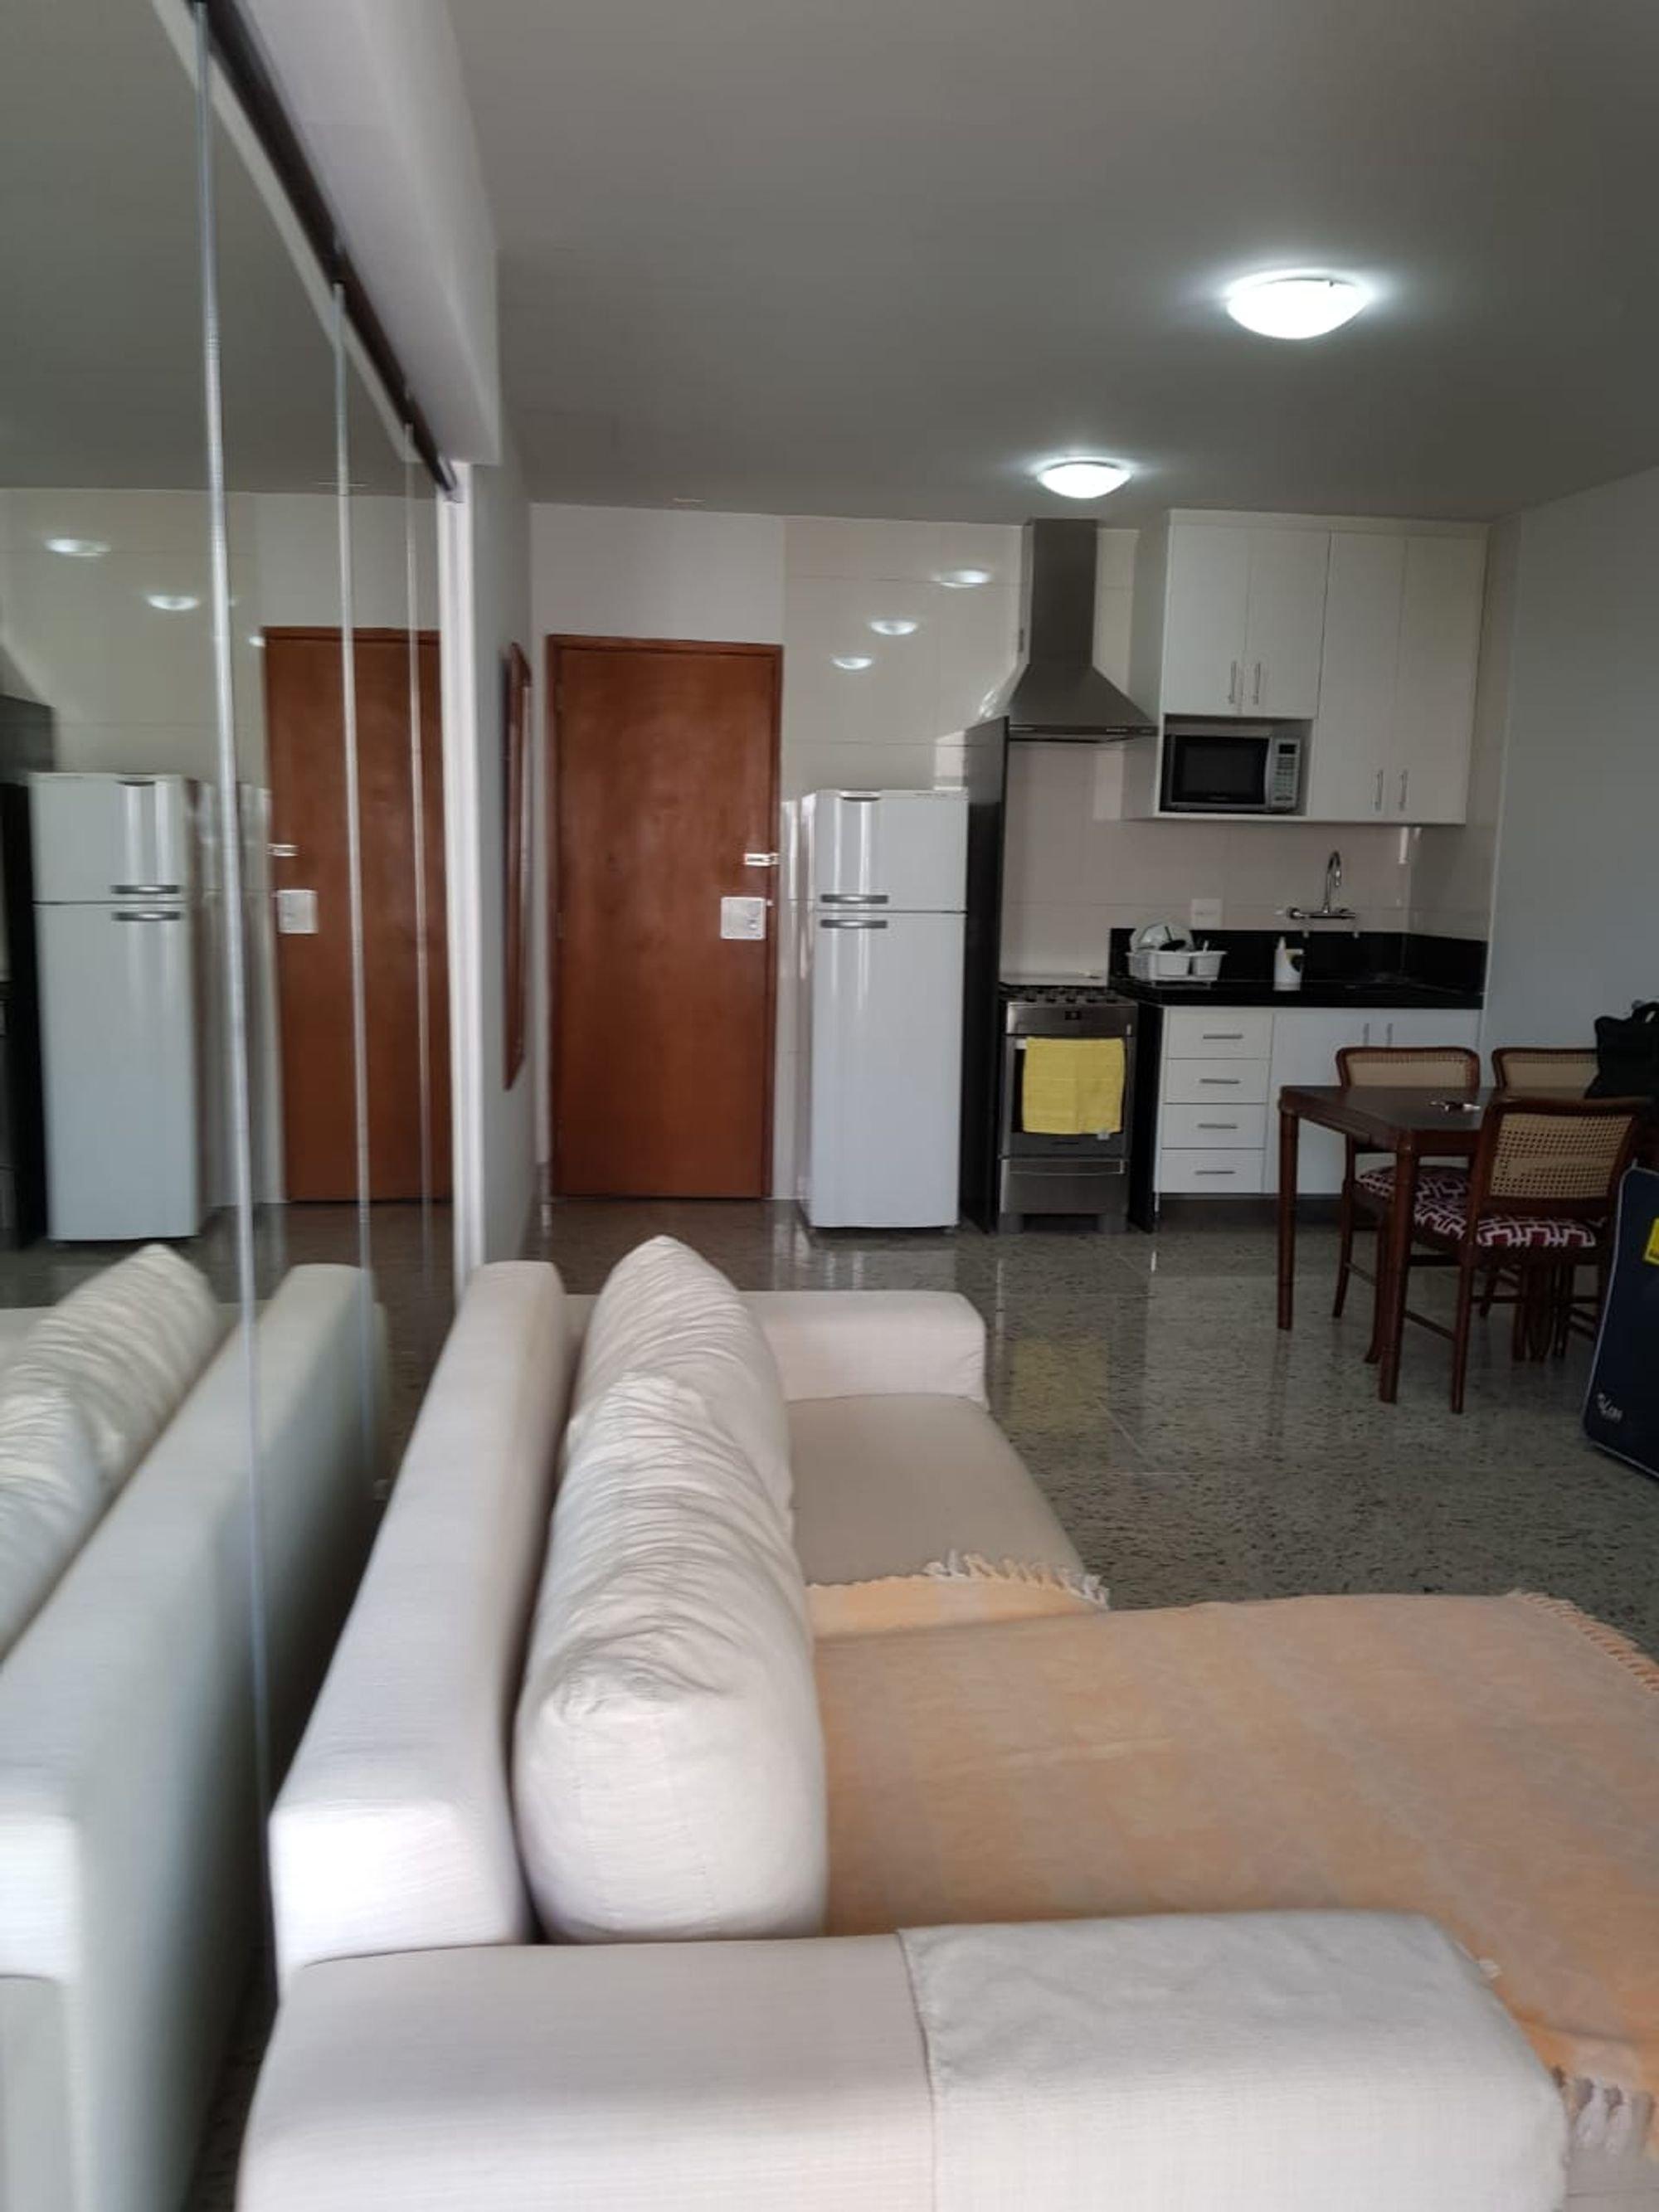 Foto de Cozinha com sofá, geladeira, cadeira, microondas, mesa de jantar